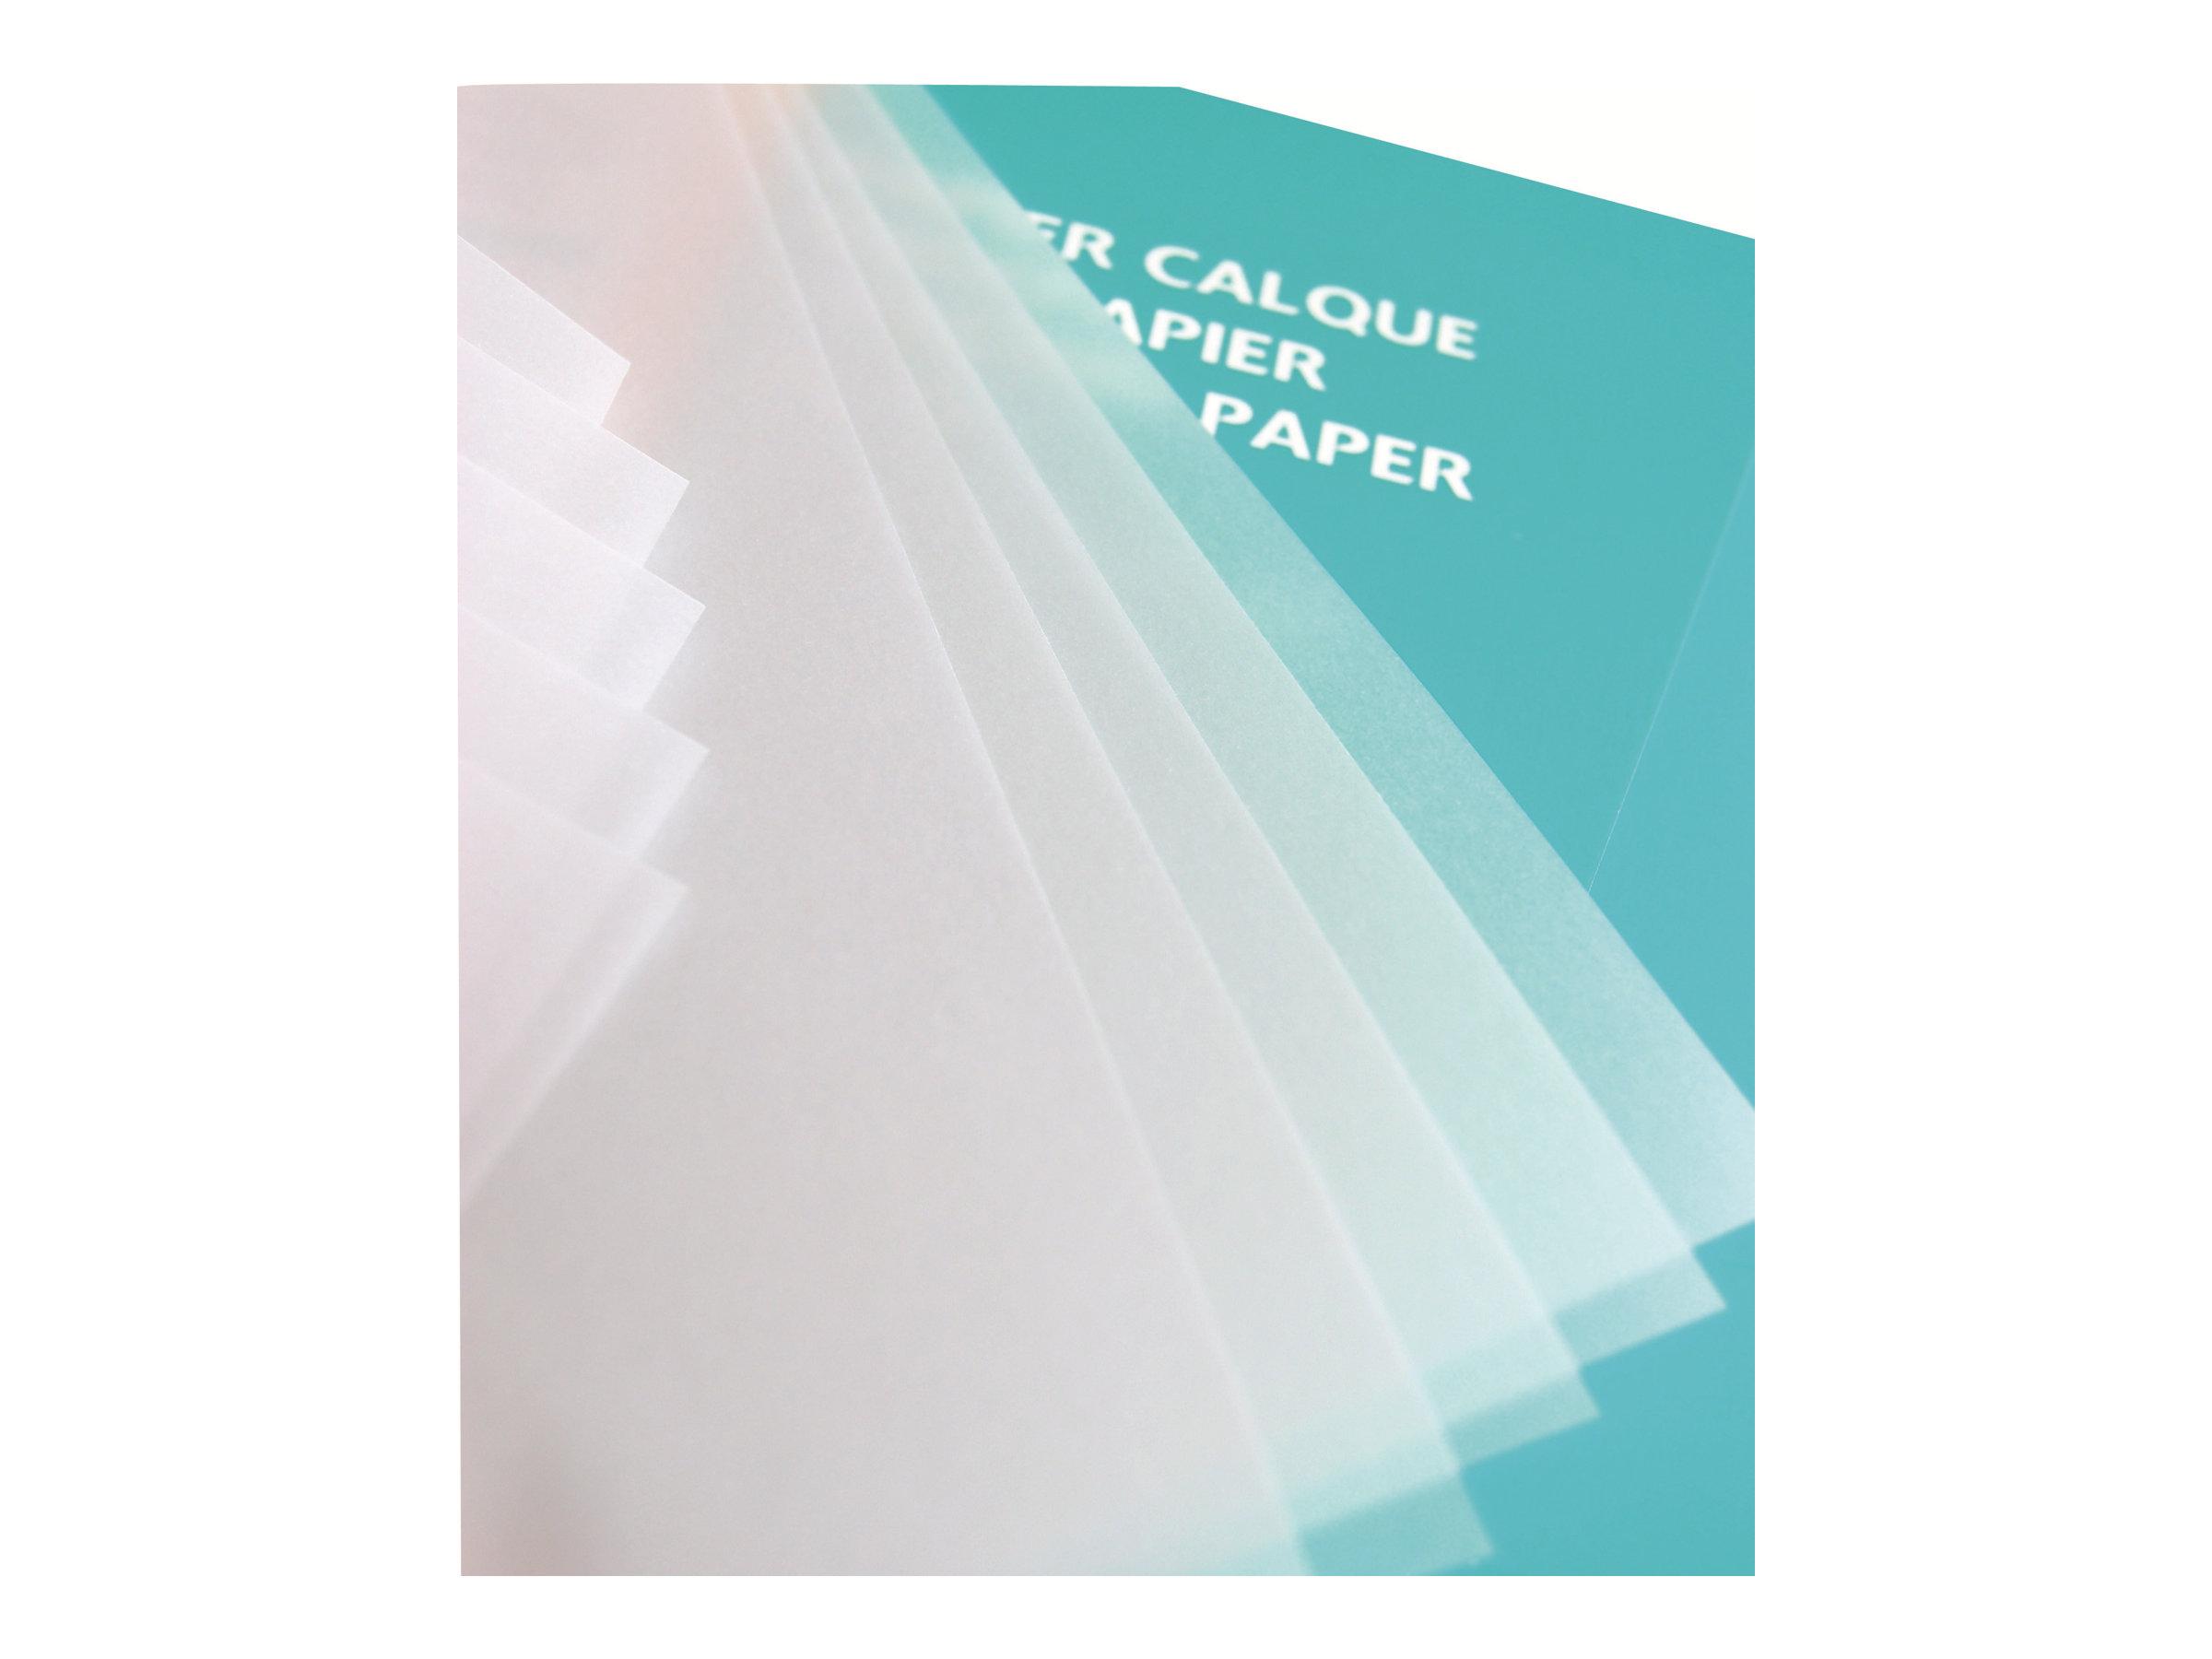 Clairefontaine Fine Arts - Papier calque - feuille 50 x 65 cm